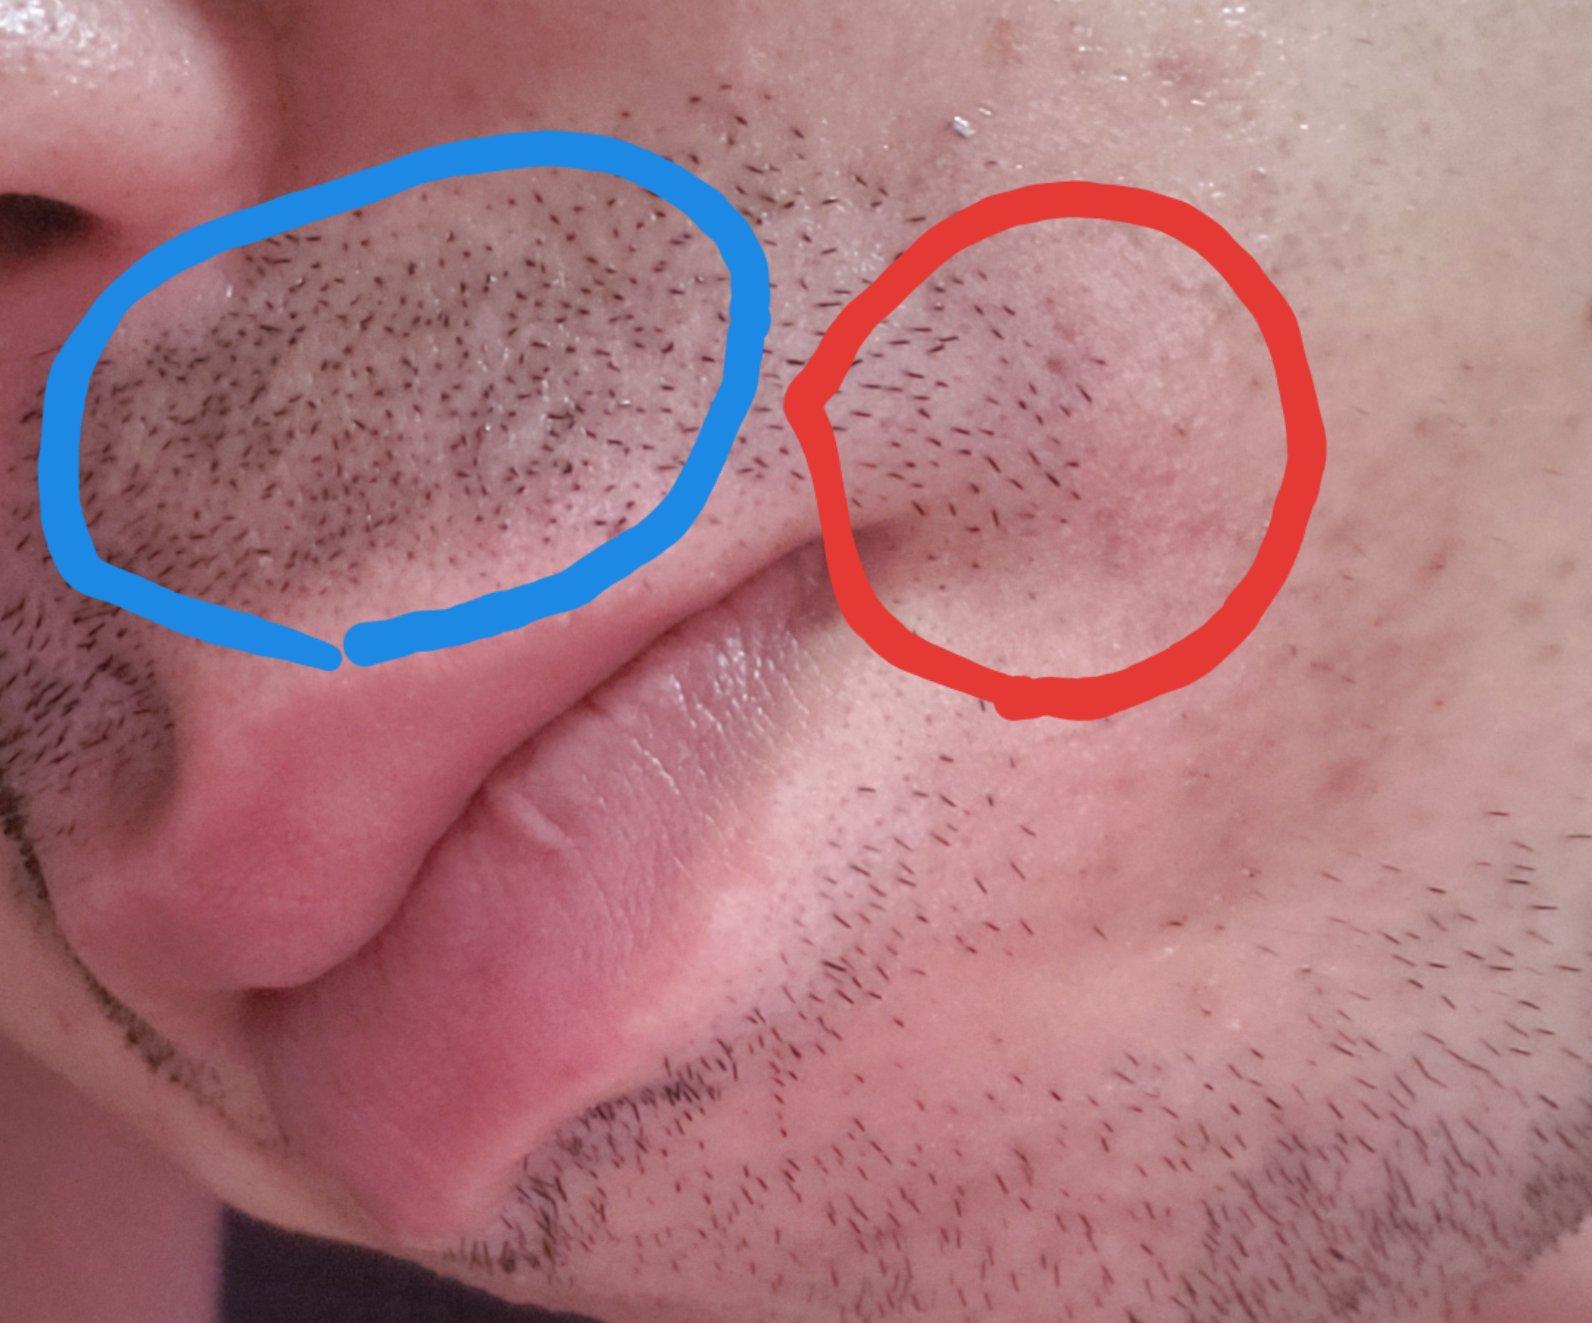 髭を抜くと濃くなるのか薄くなるのか検証した結果